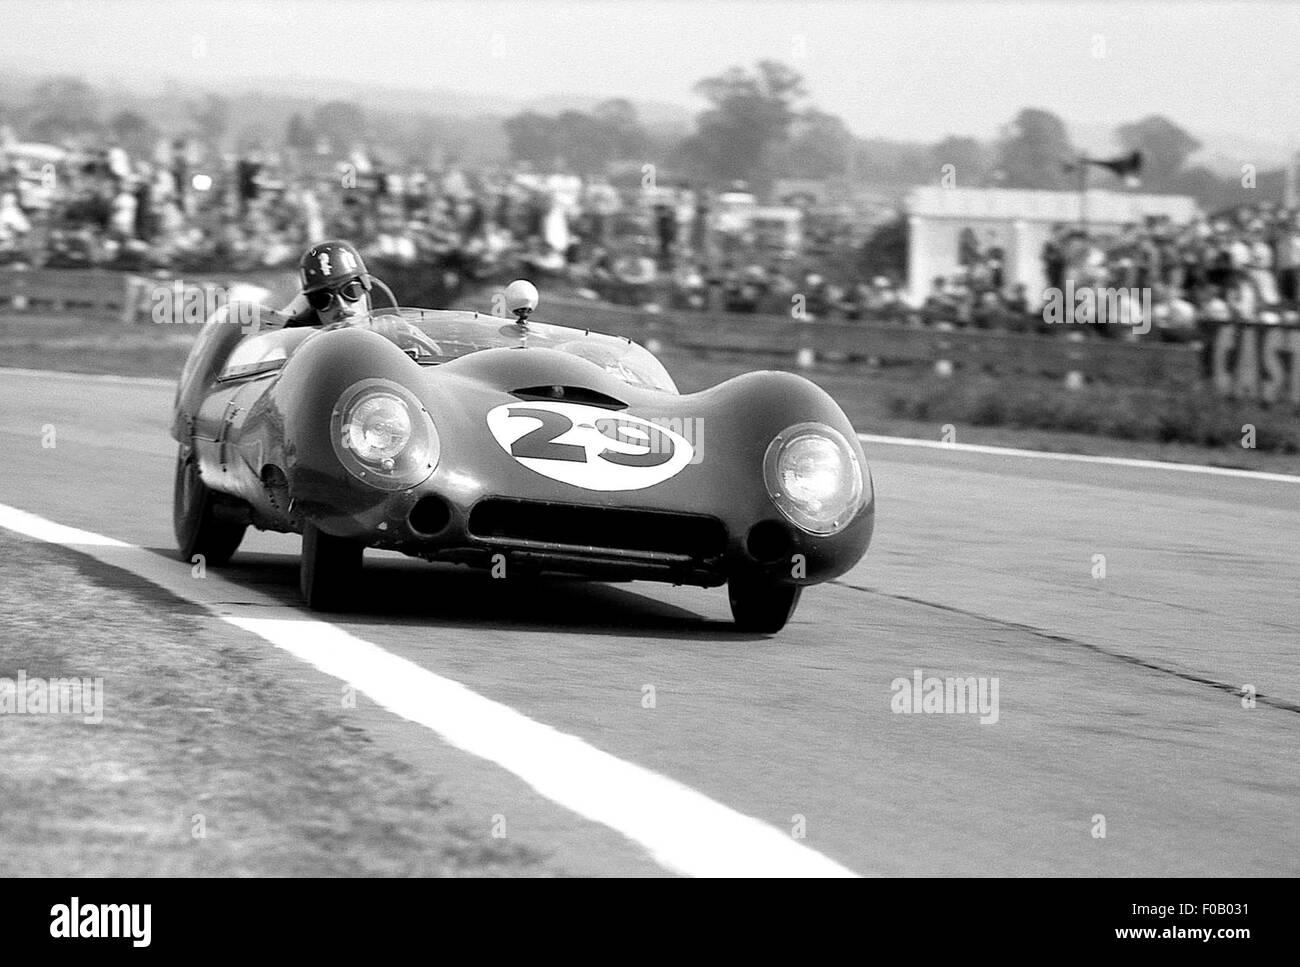 Tourist Trophy de Goodwood 5e septembre 1959. Graham Hill, Alan Stacey Lotus 15 Climax. Photo Stock